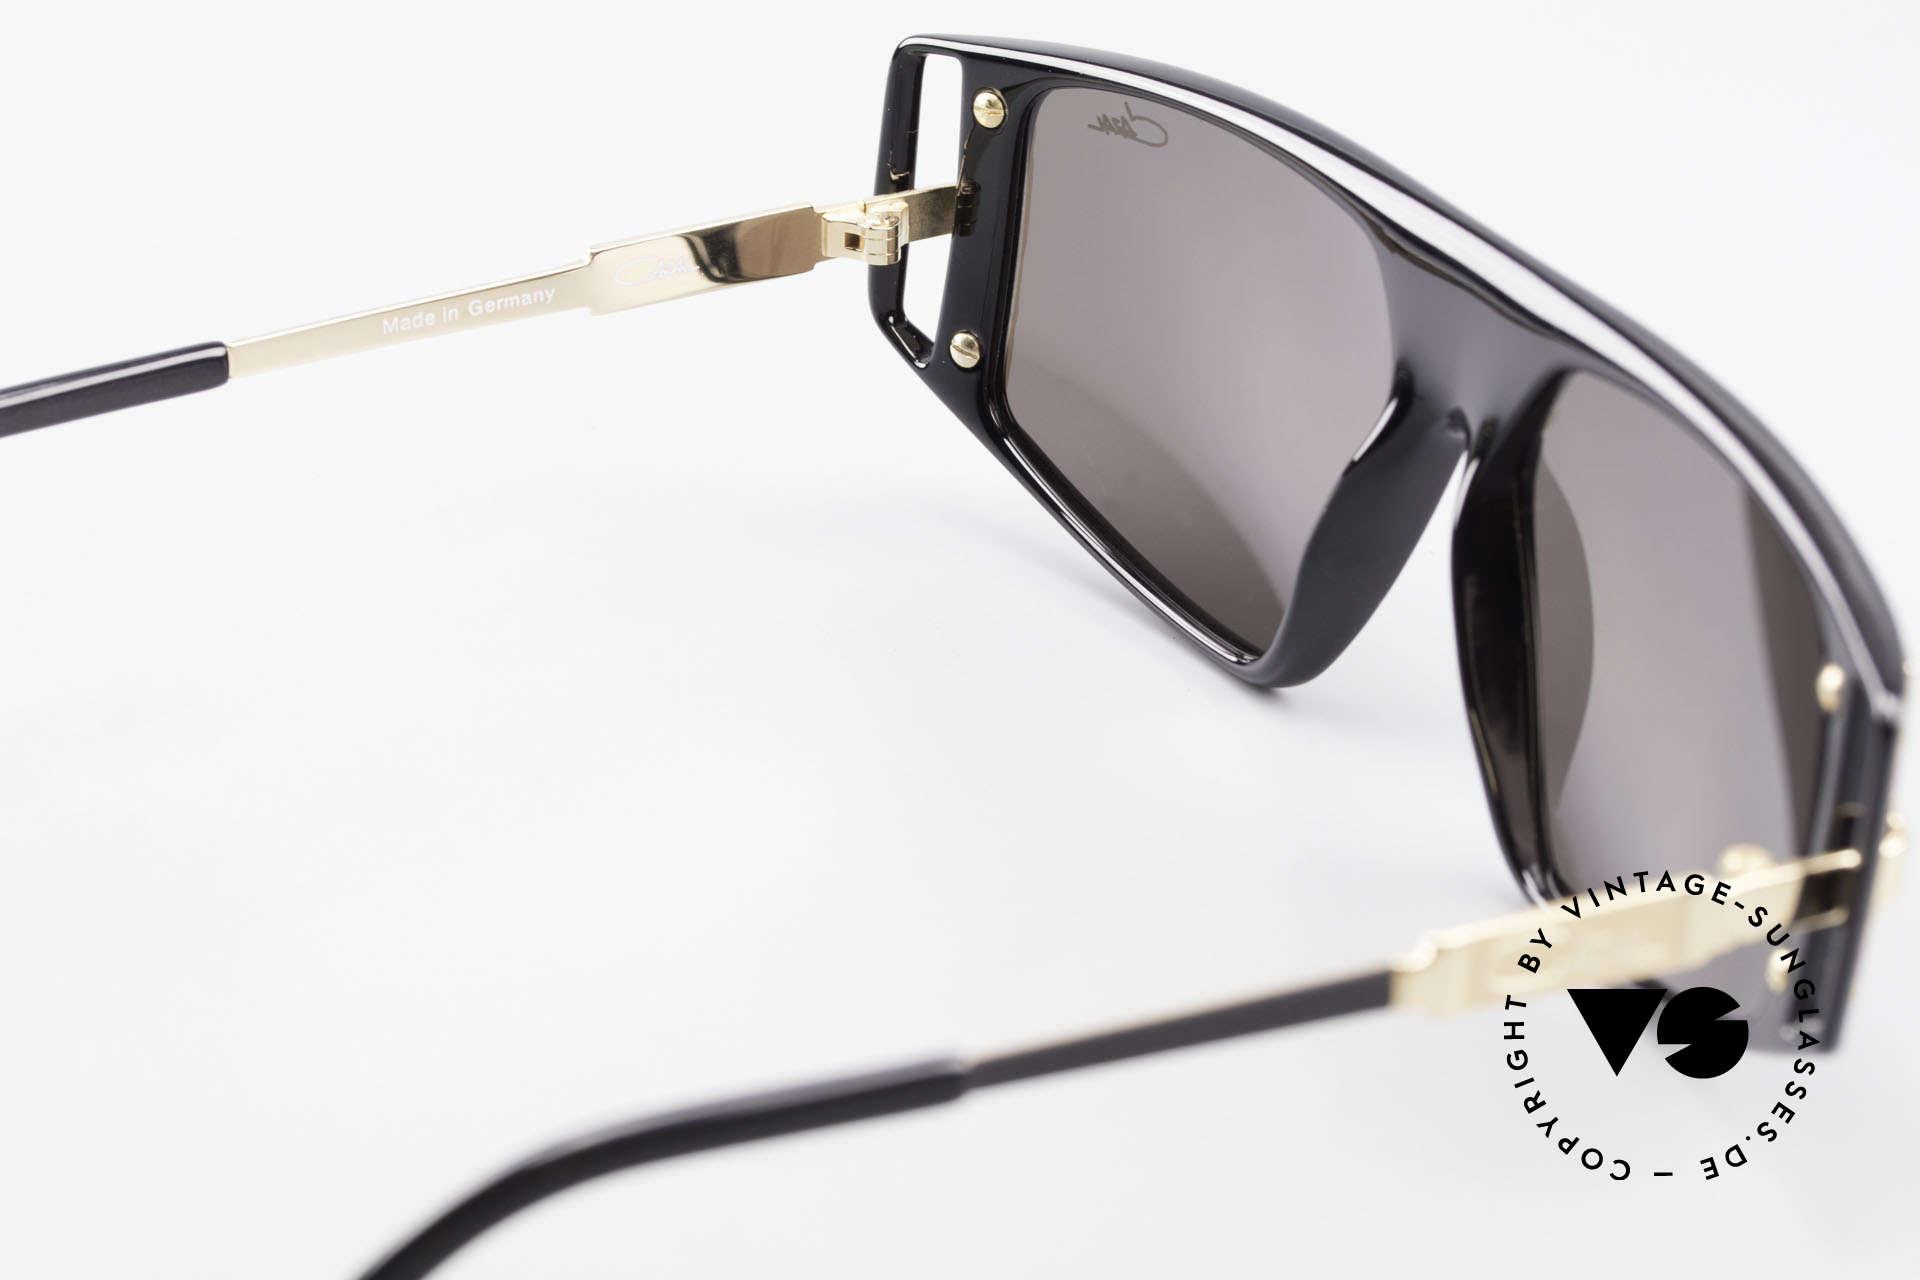 Cazal 874 Lady Gaga Sonnenbrille 90er, KEINE RETROmode; ein ca. 25 Jahre altes Original!, Passend für Herren und Damen